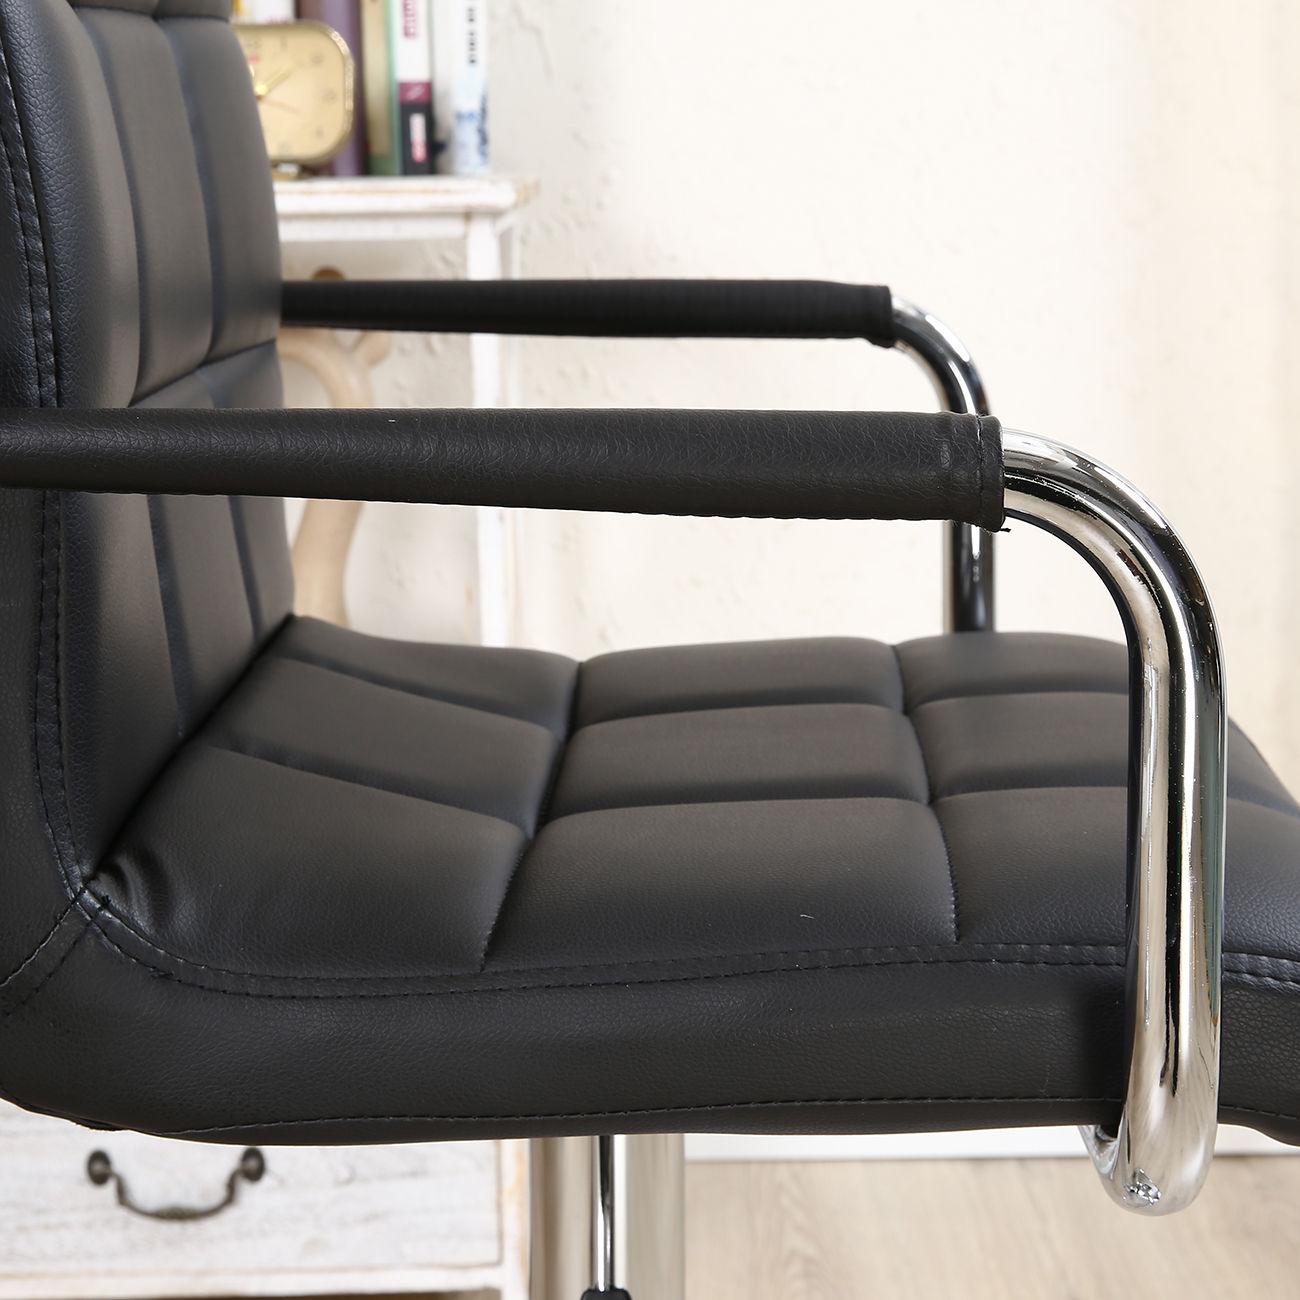 2pcs Pu Leather Adjustable Height Swivel Bar Stool Black